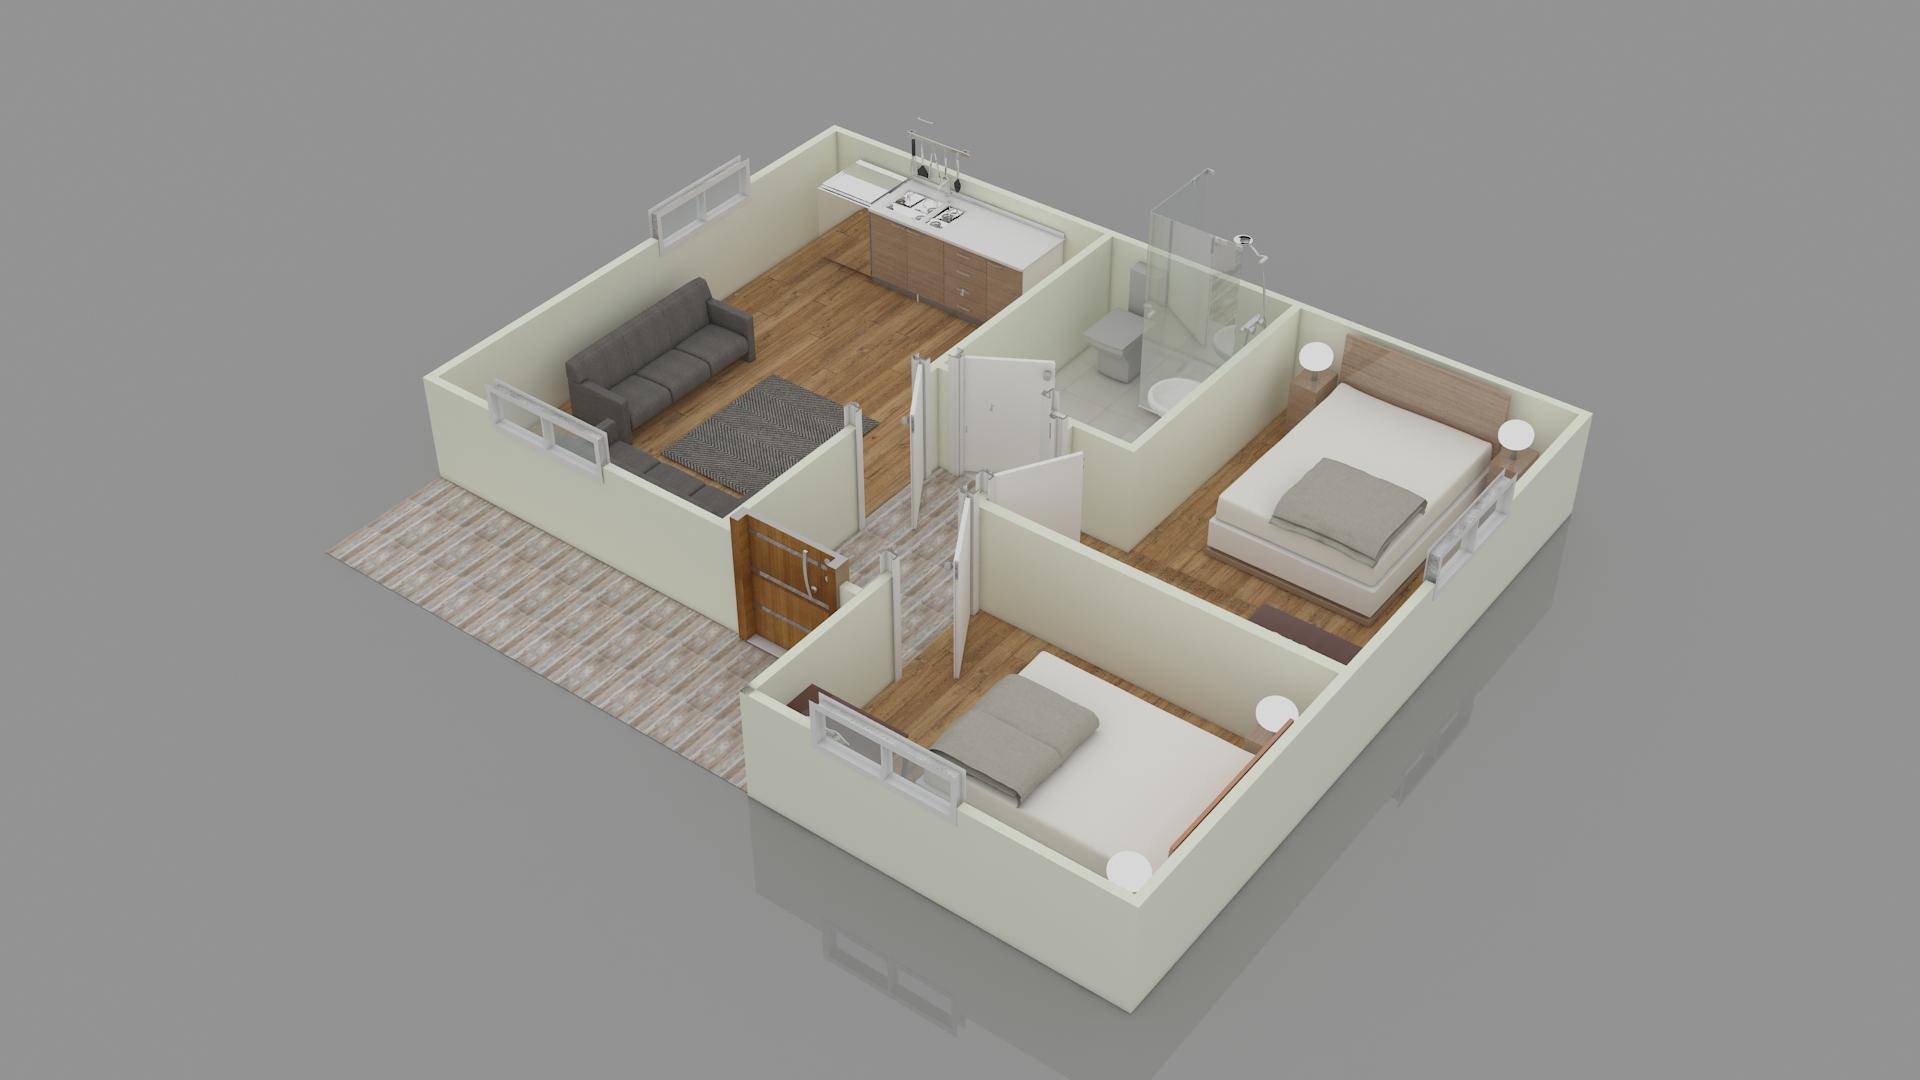 52 m2 PREFABRİK EV UYGUN FİYAT GARANTİSİ